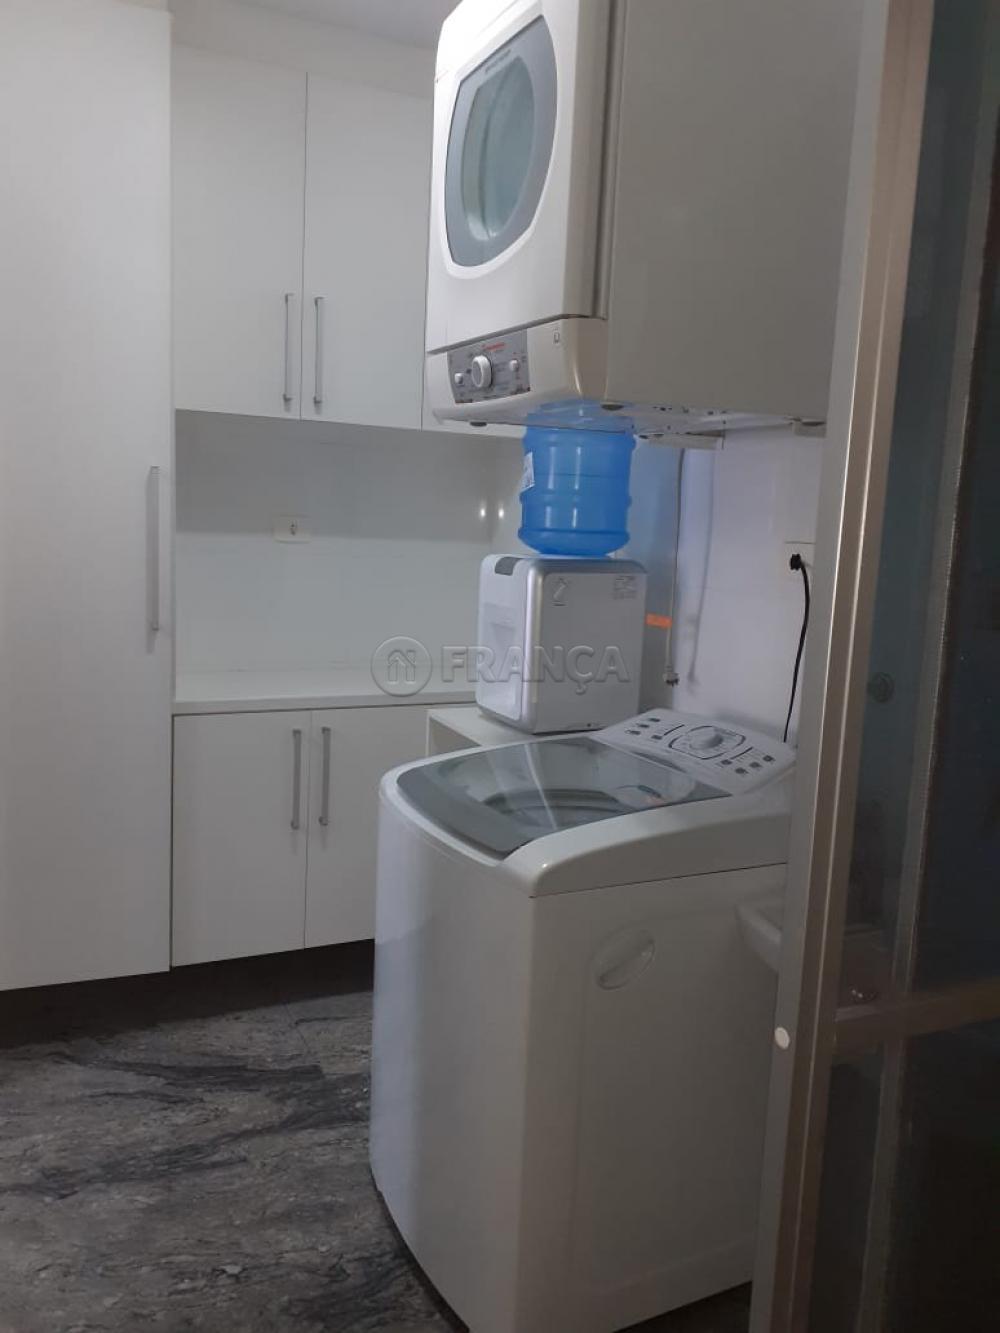 Comprar Casa / Condomínio em Jacareí apenas R$ 750.000,00 - Foto 11